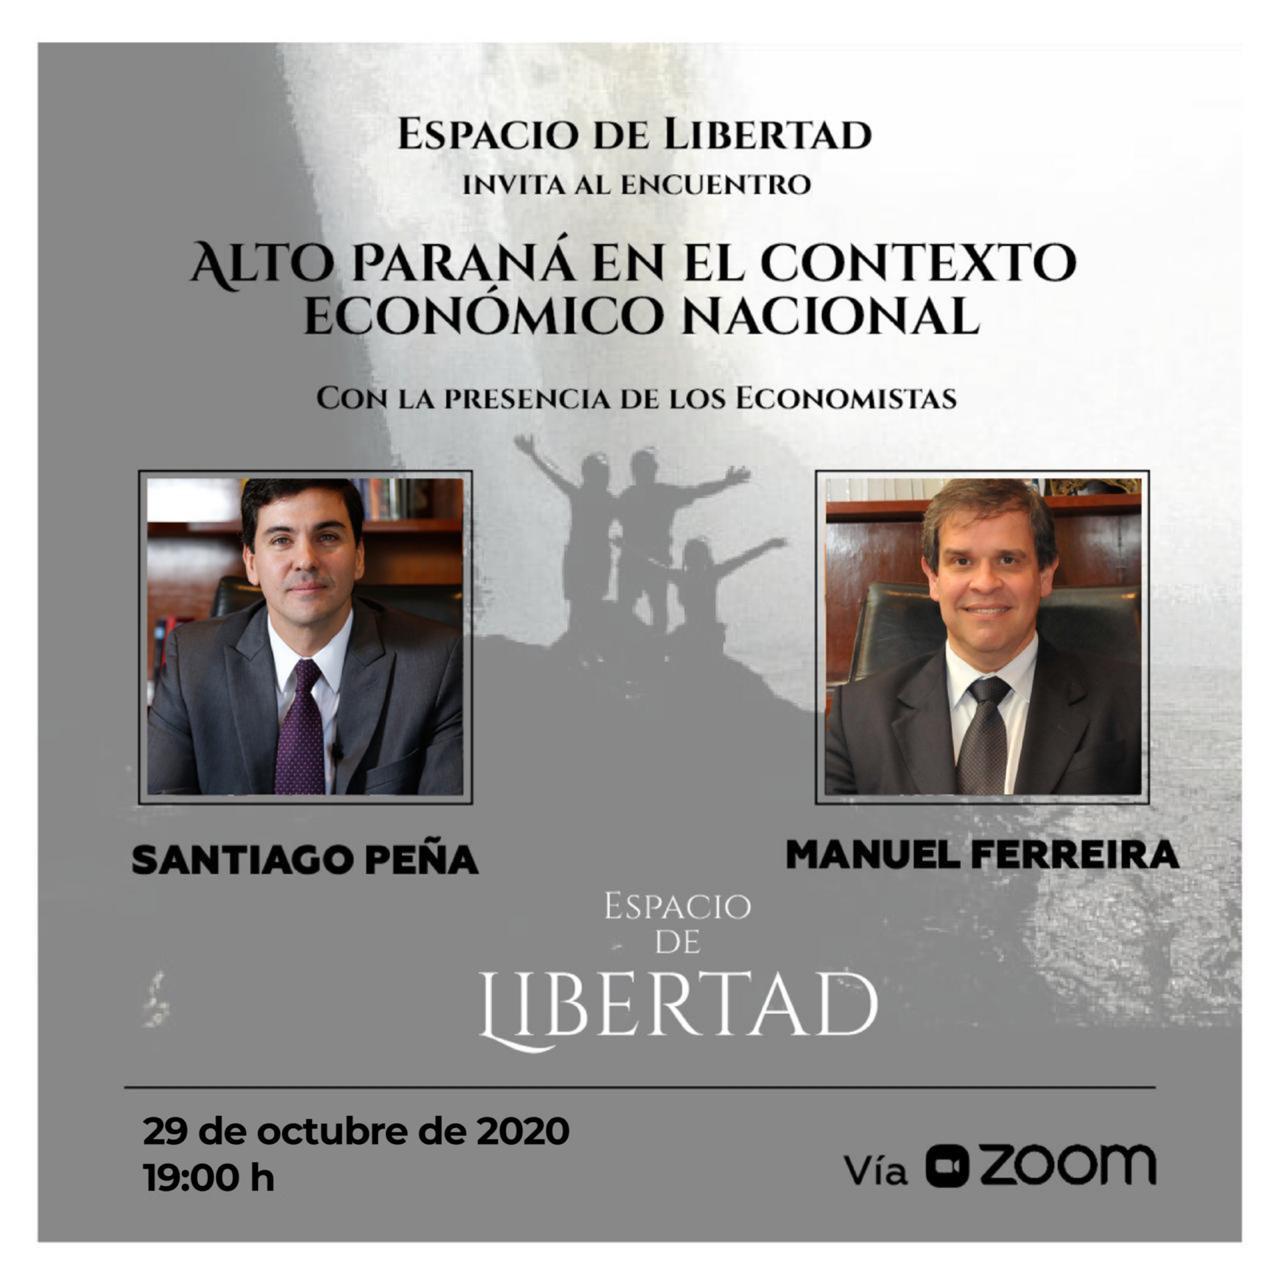 Santiago Peña y Manuel Ferreira participarán en